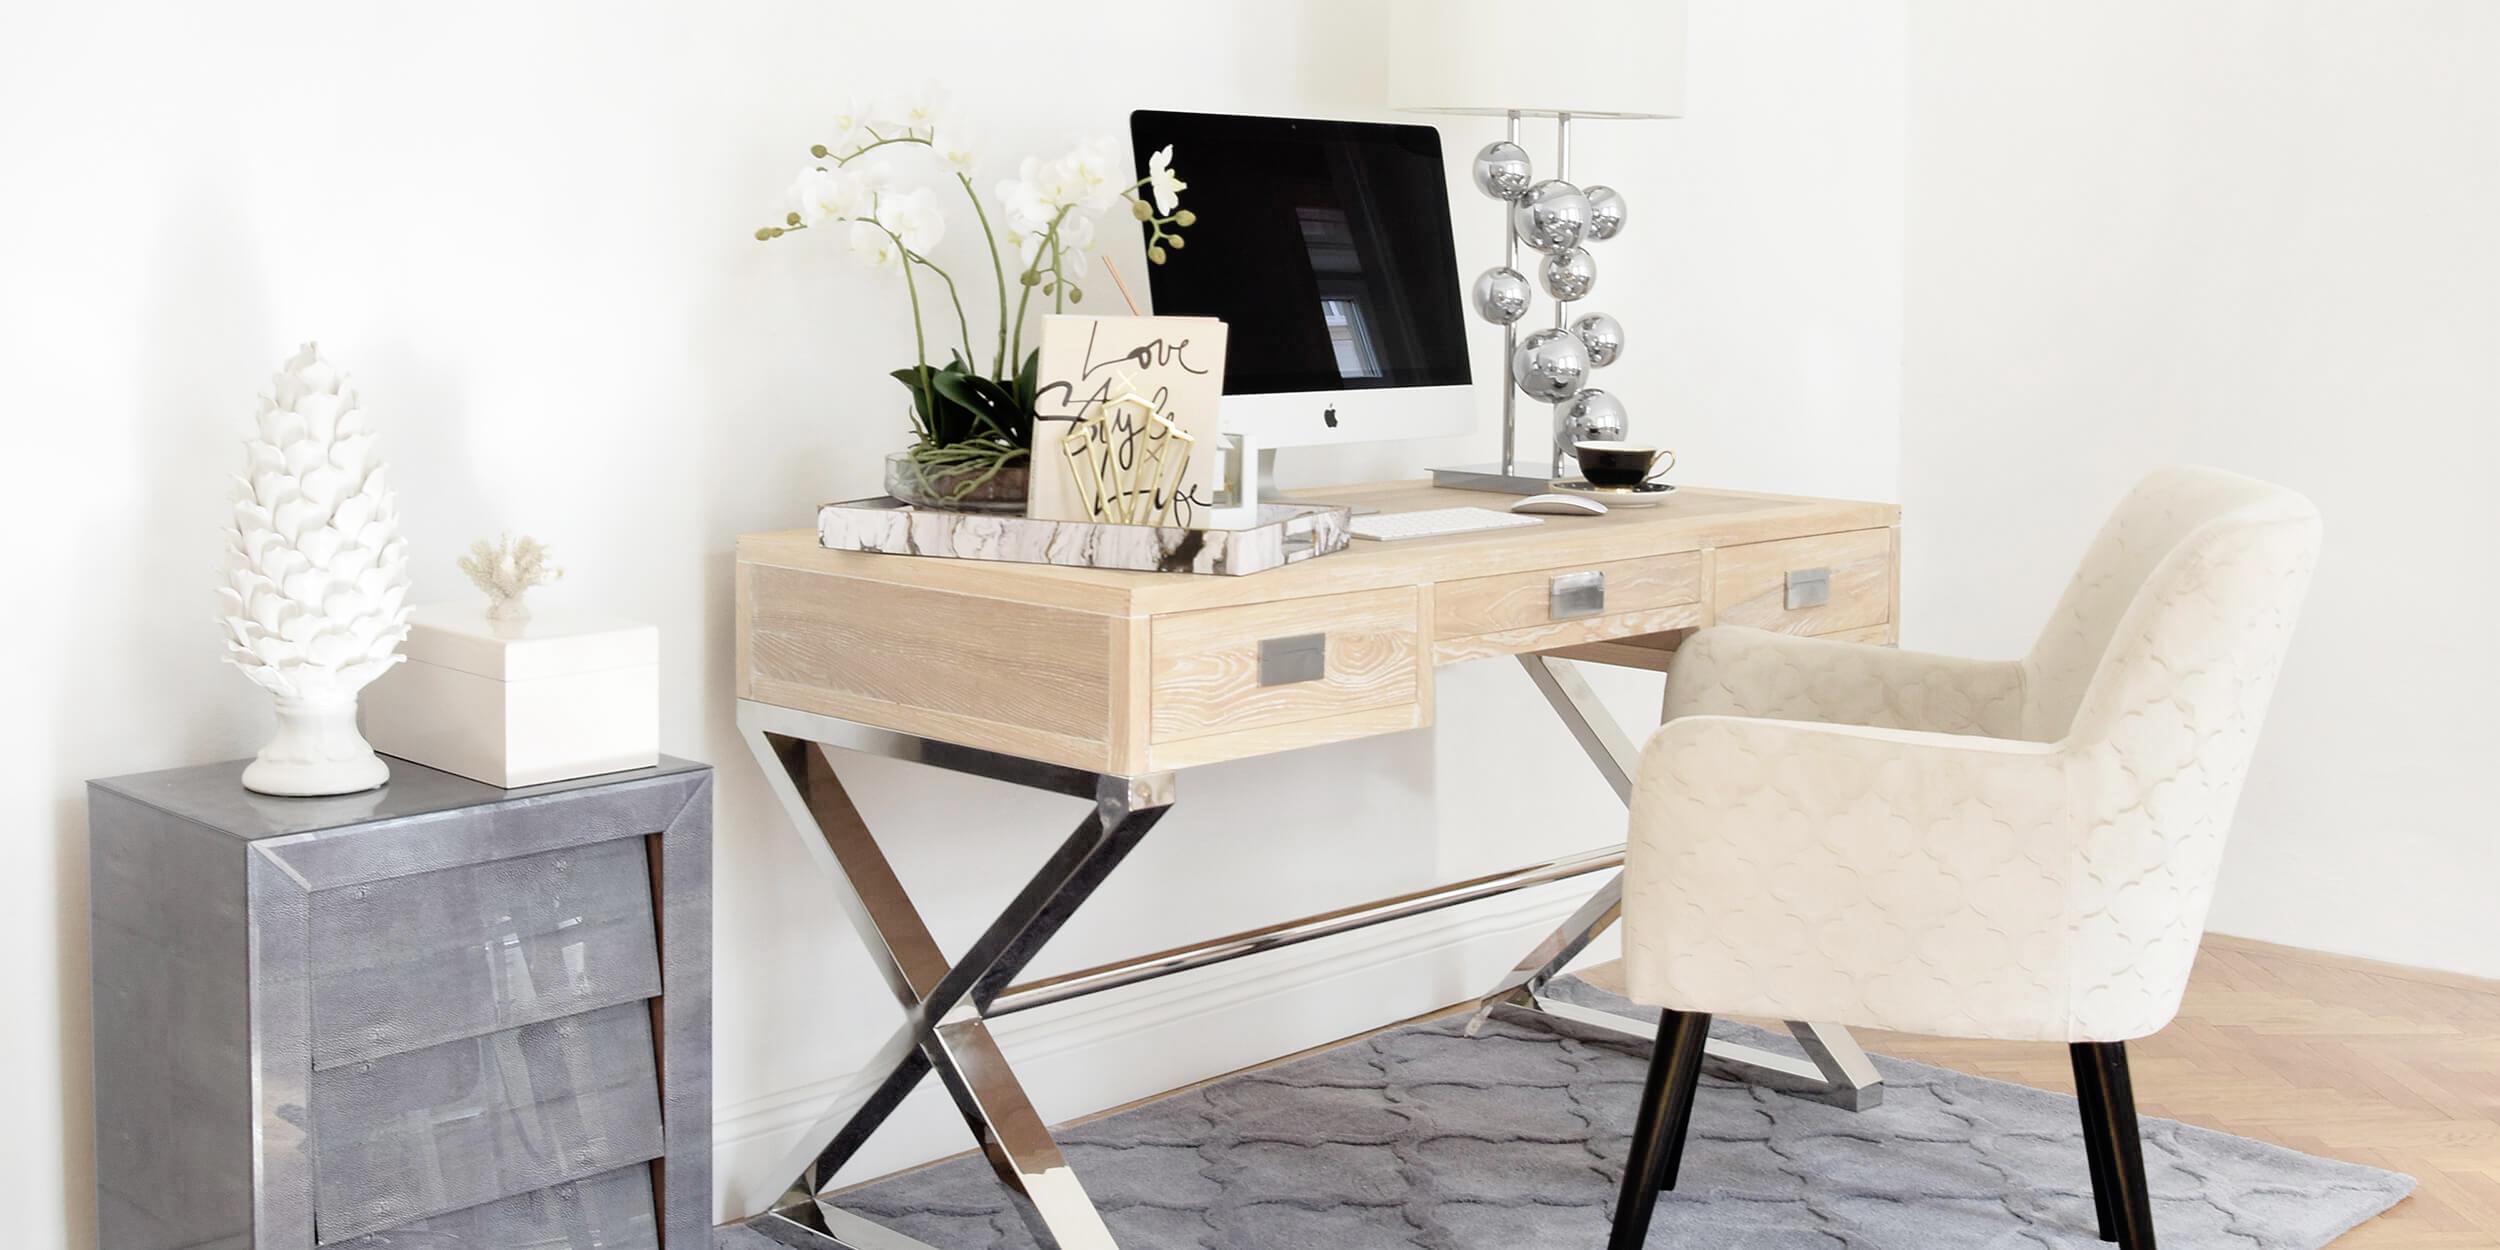 Work with style:  Moderner Arbeitsplatz